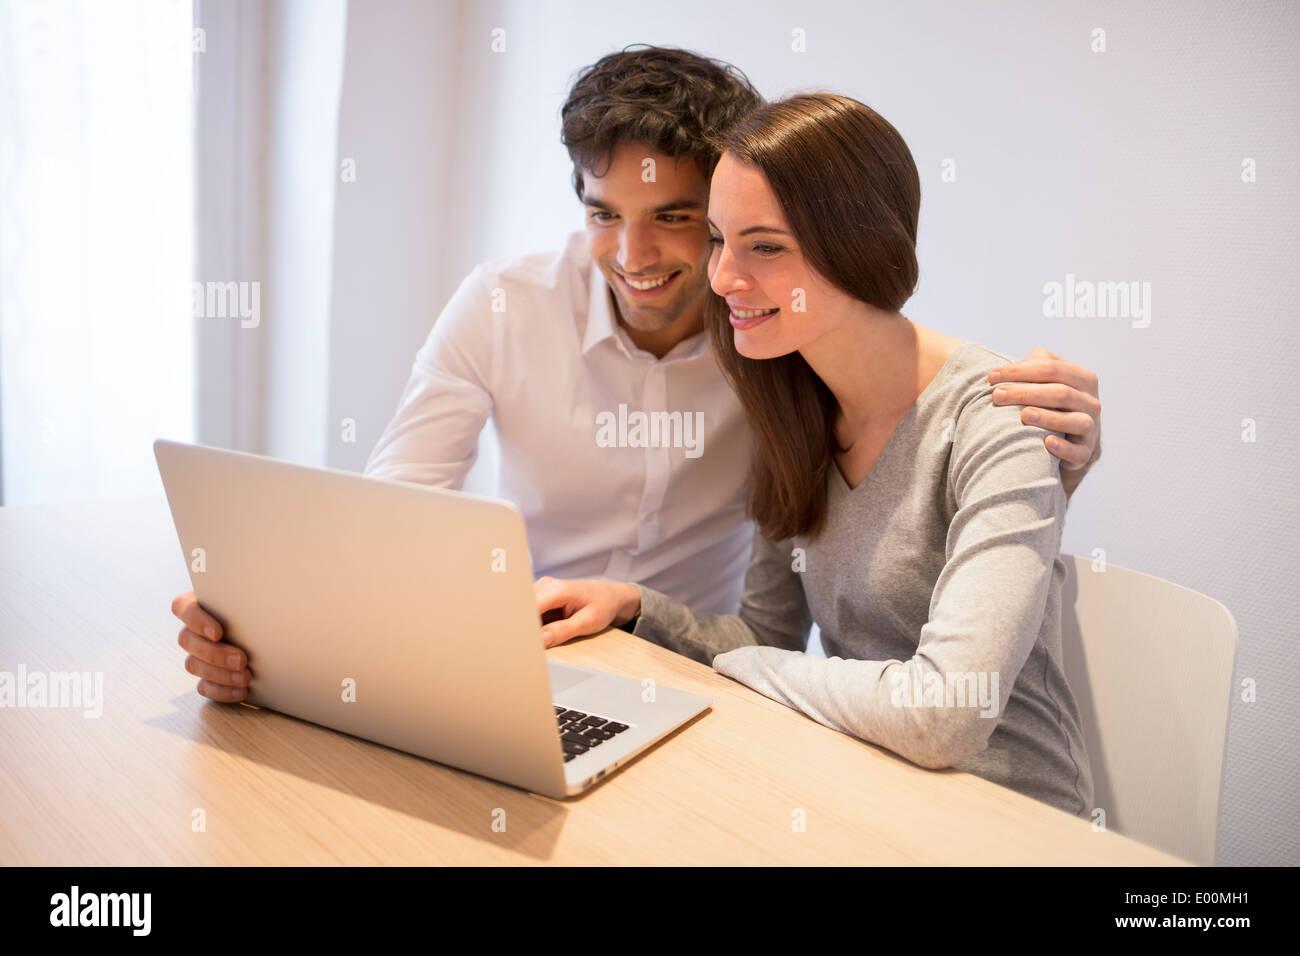 Weiblich männlich glücklich Schreibtisch-Computer im Innenbereich Stockbild